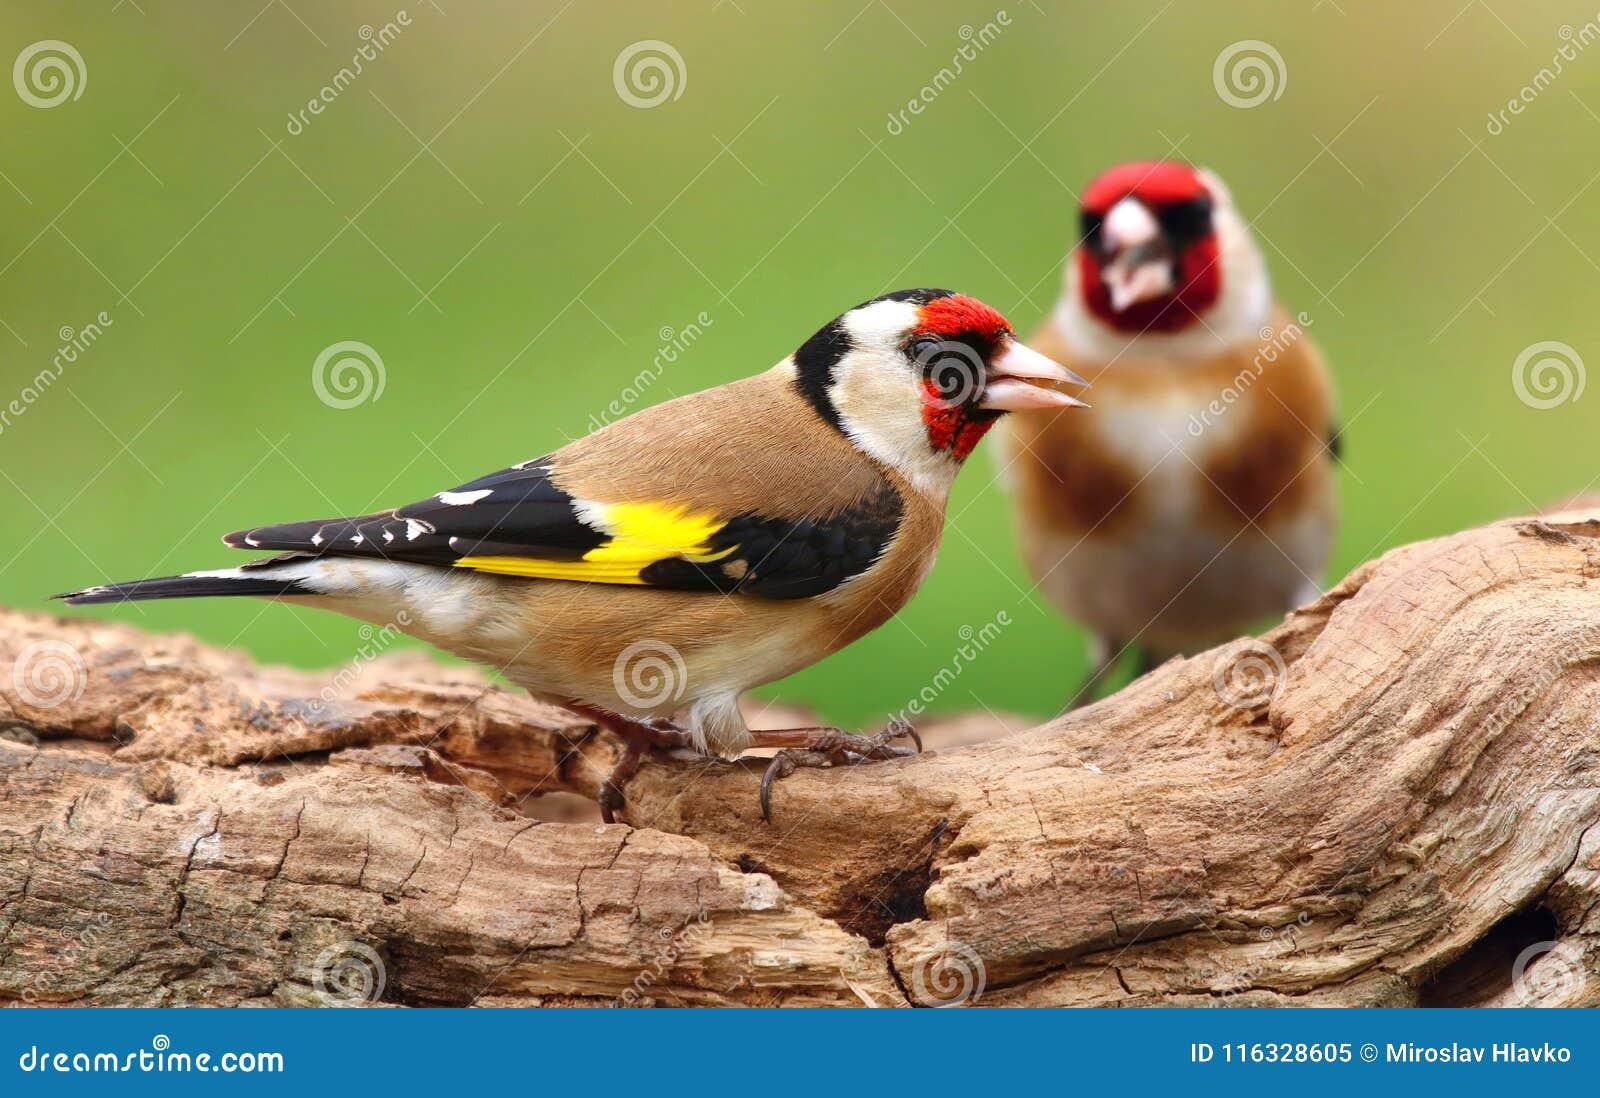 Ευρωπαϊκά carduelis Carduelis goldfinch